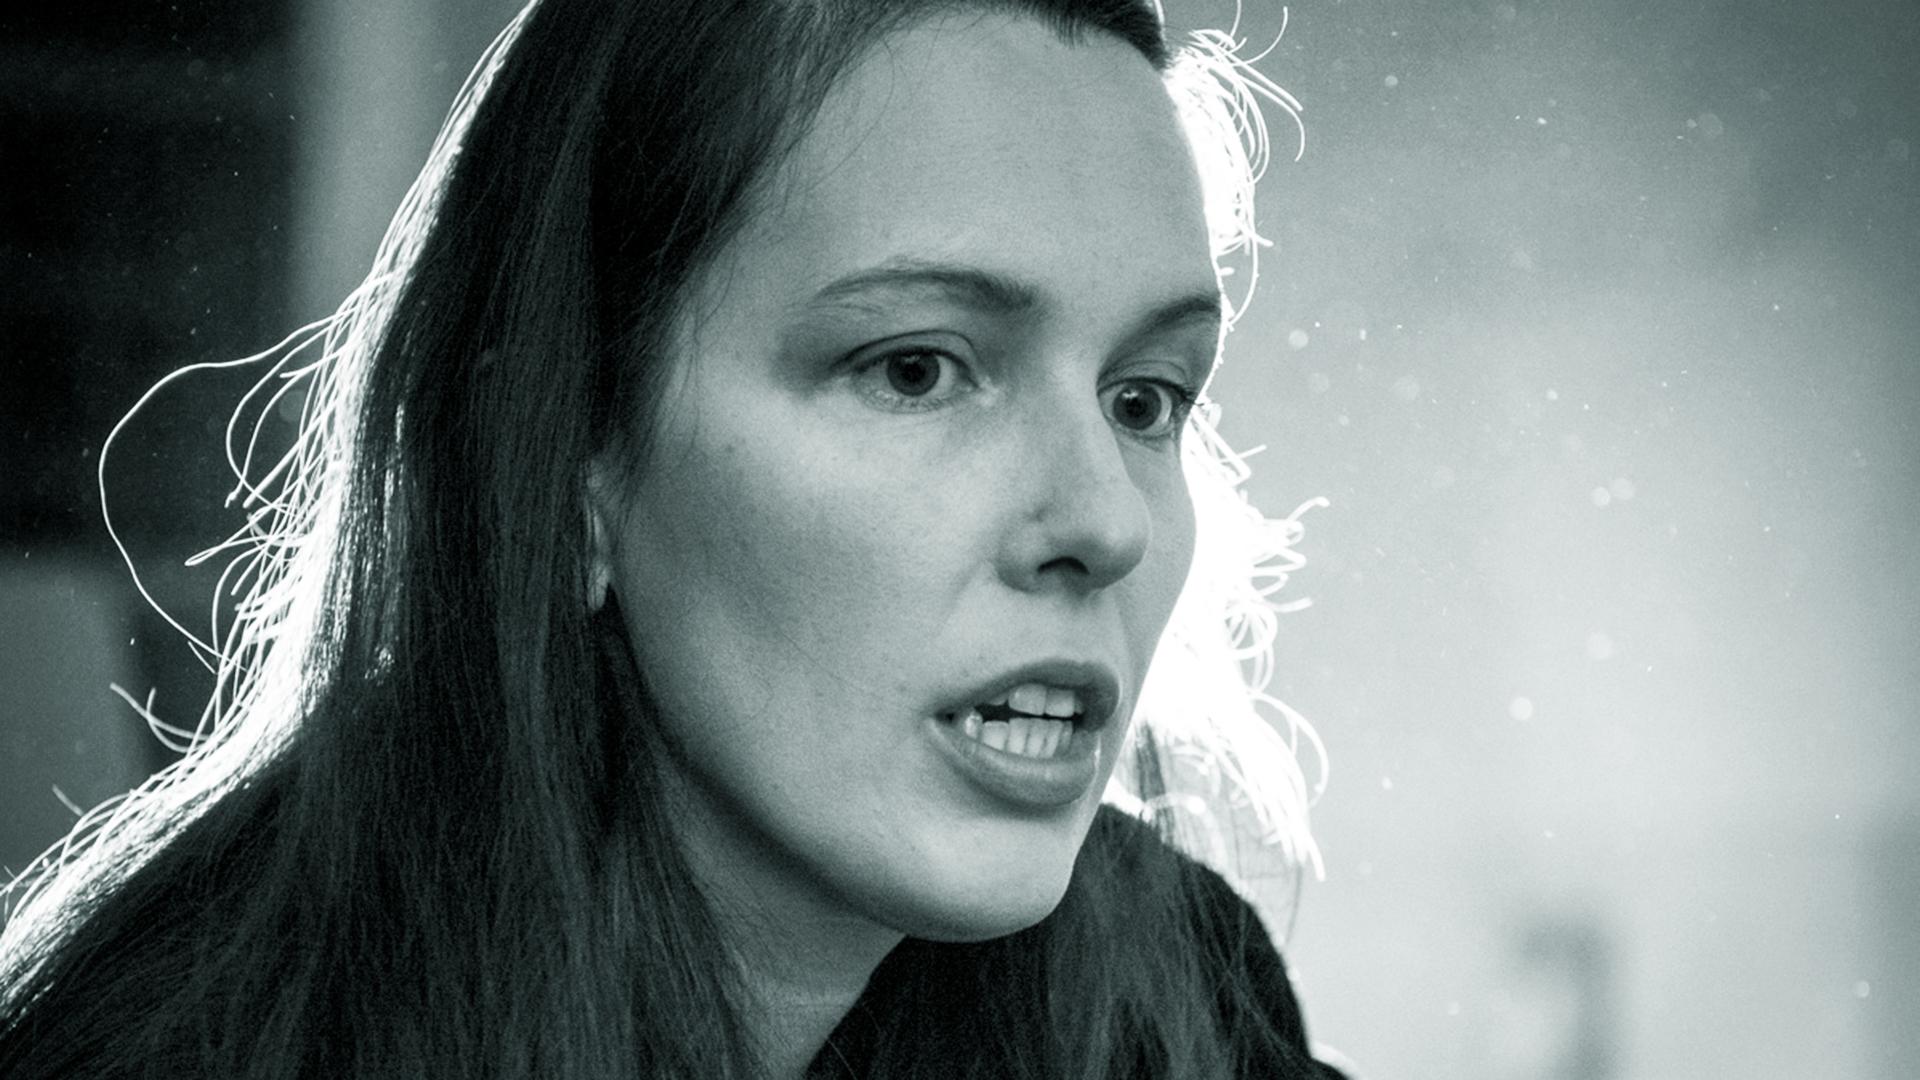 Angela Dematté